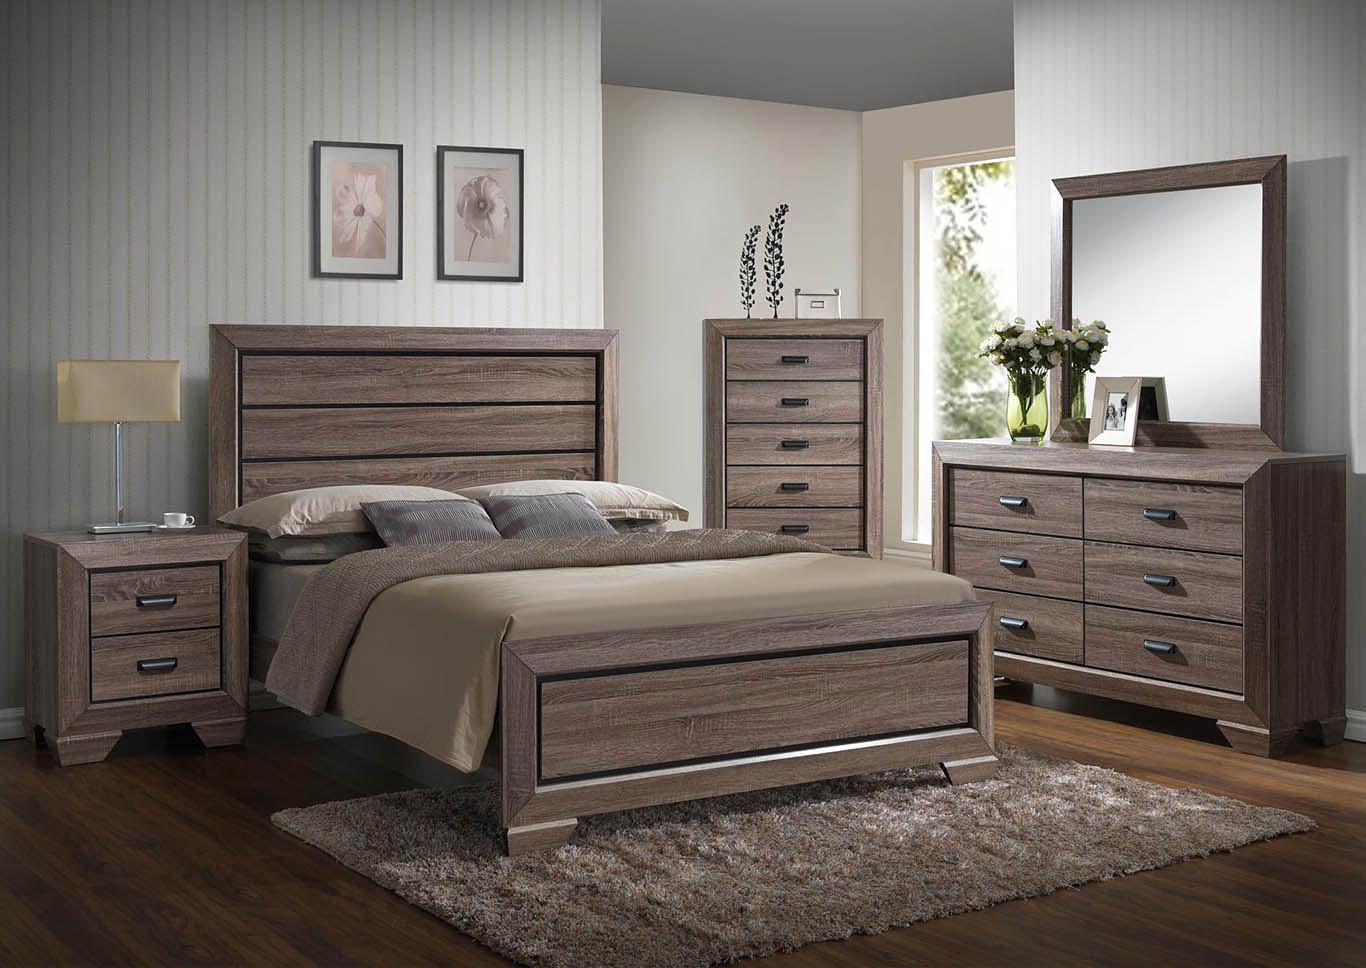 3 Piece Wooden Queen Bedroom Set,Global Trading